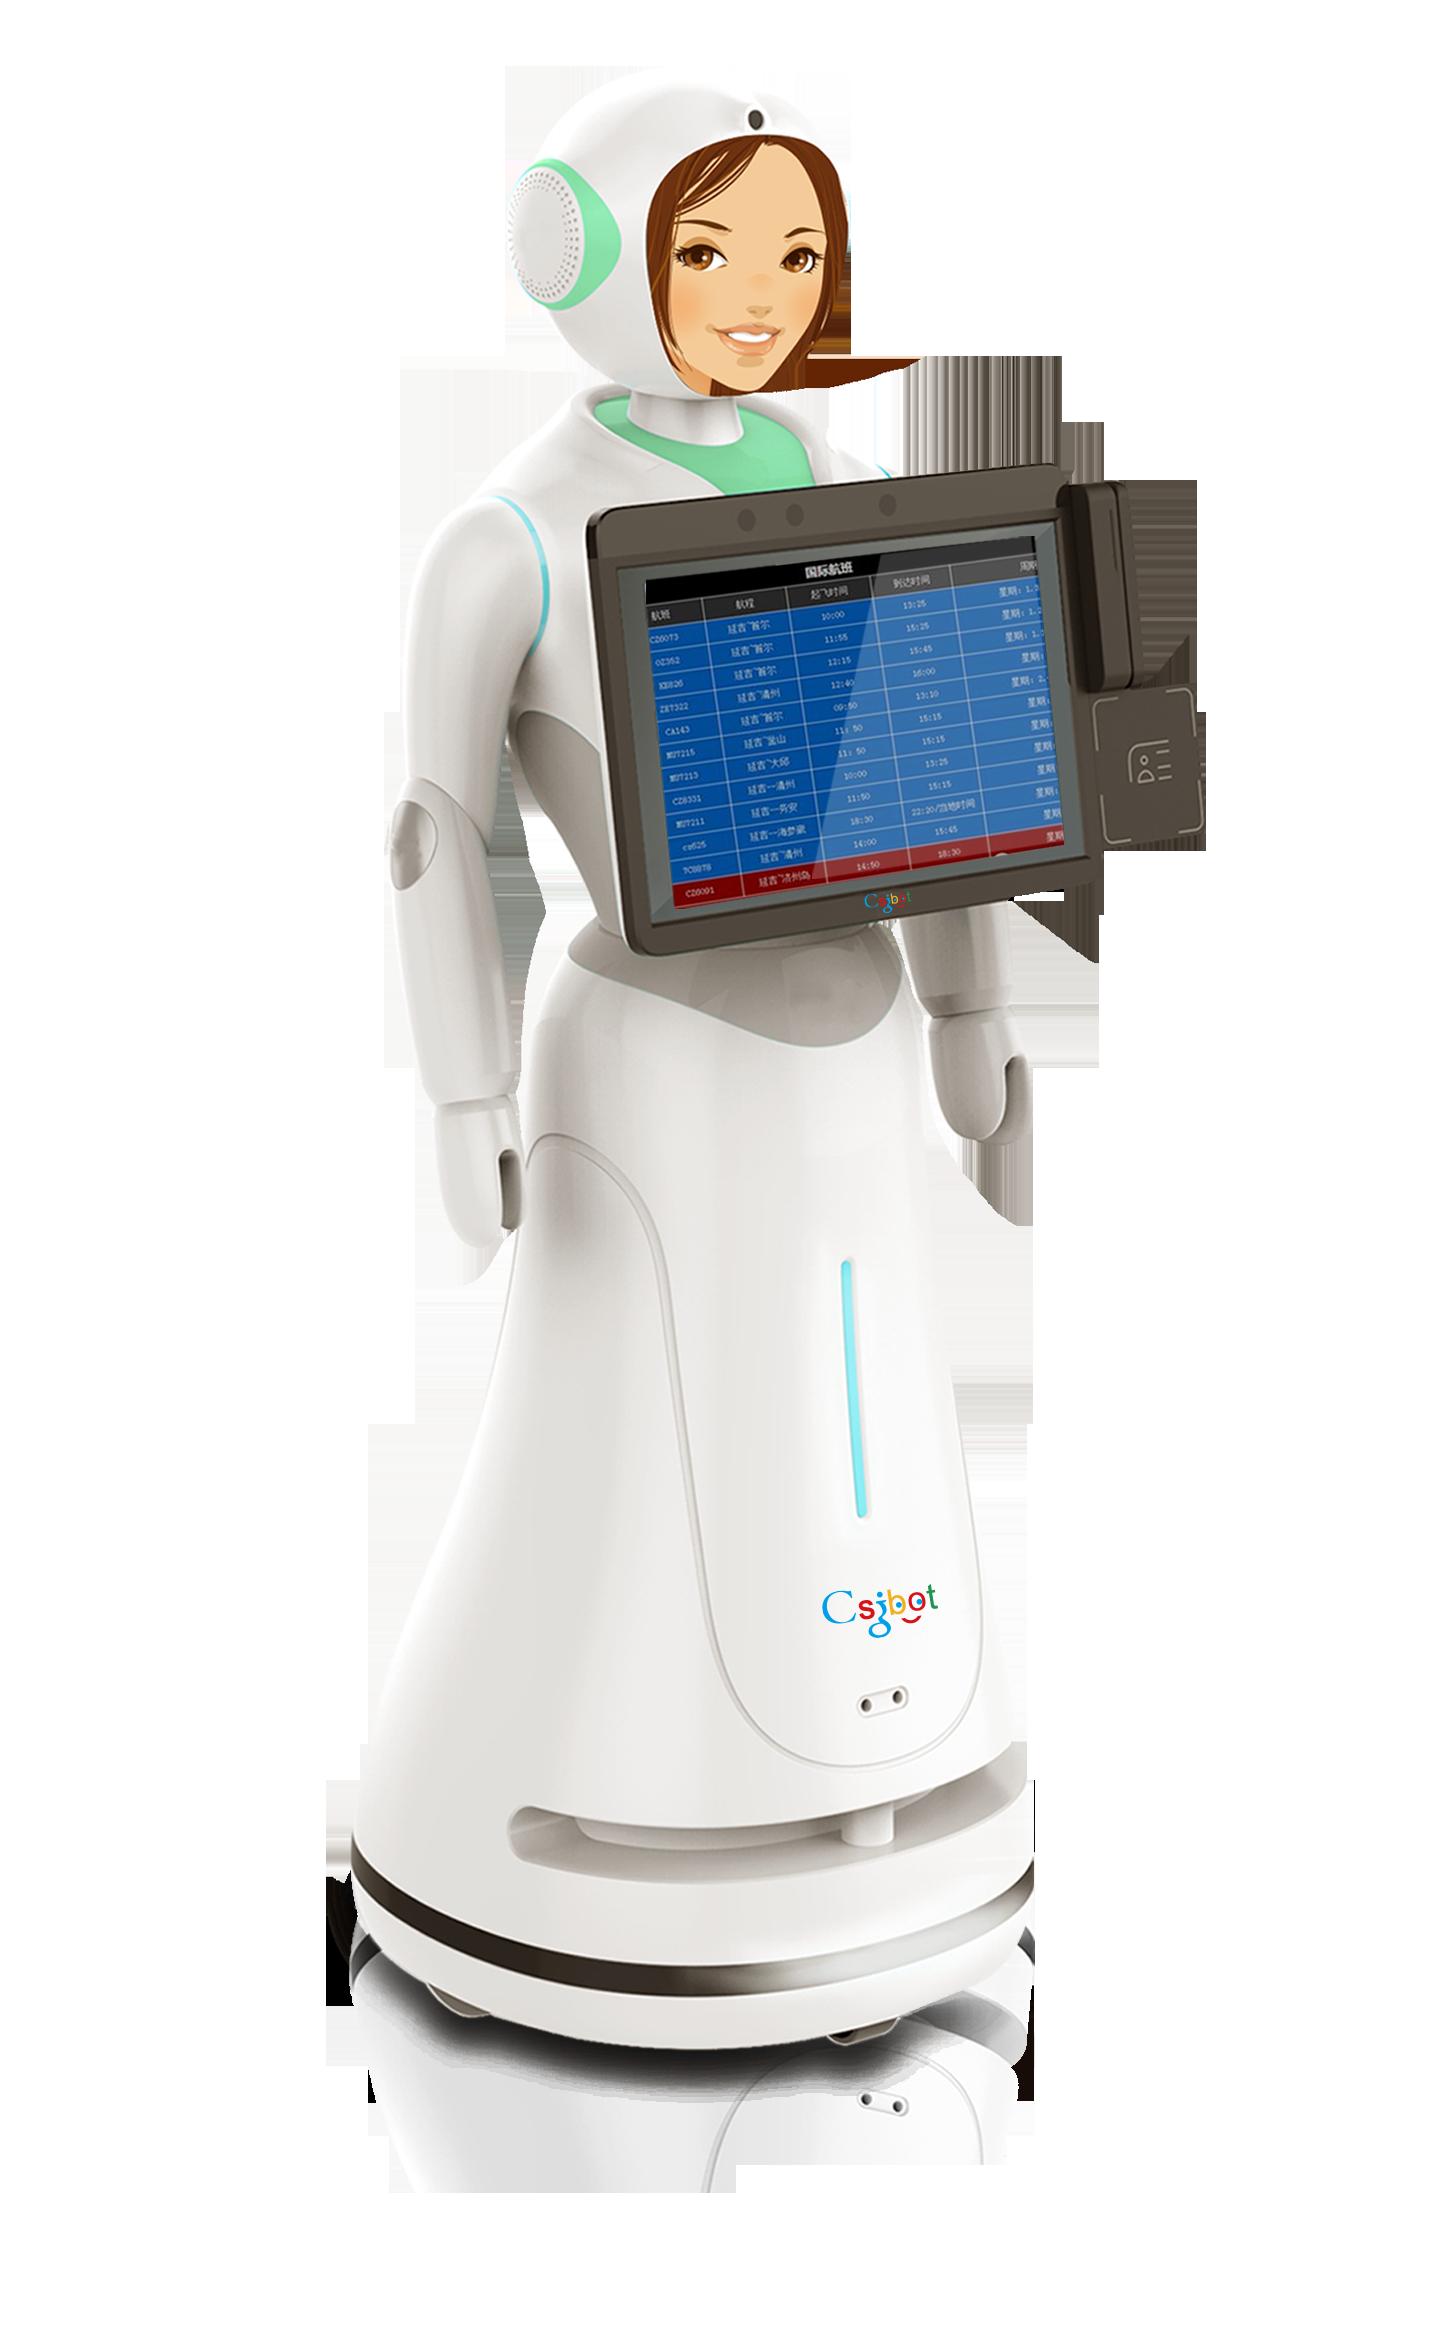 蓝精灵服务机器人招商加盟